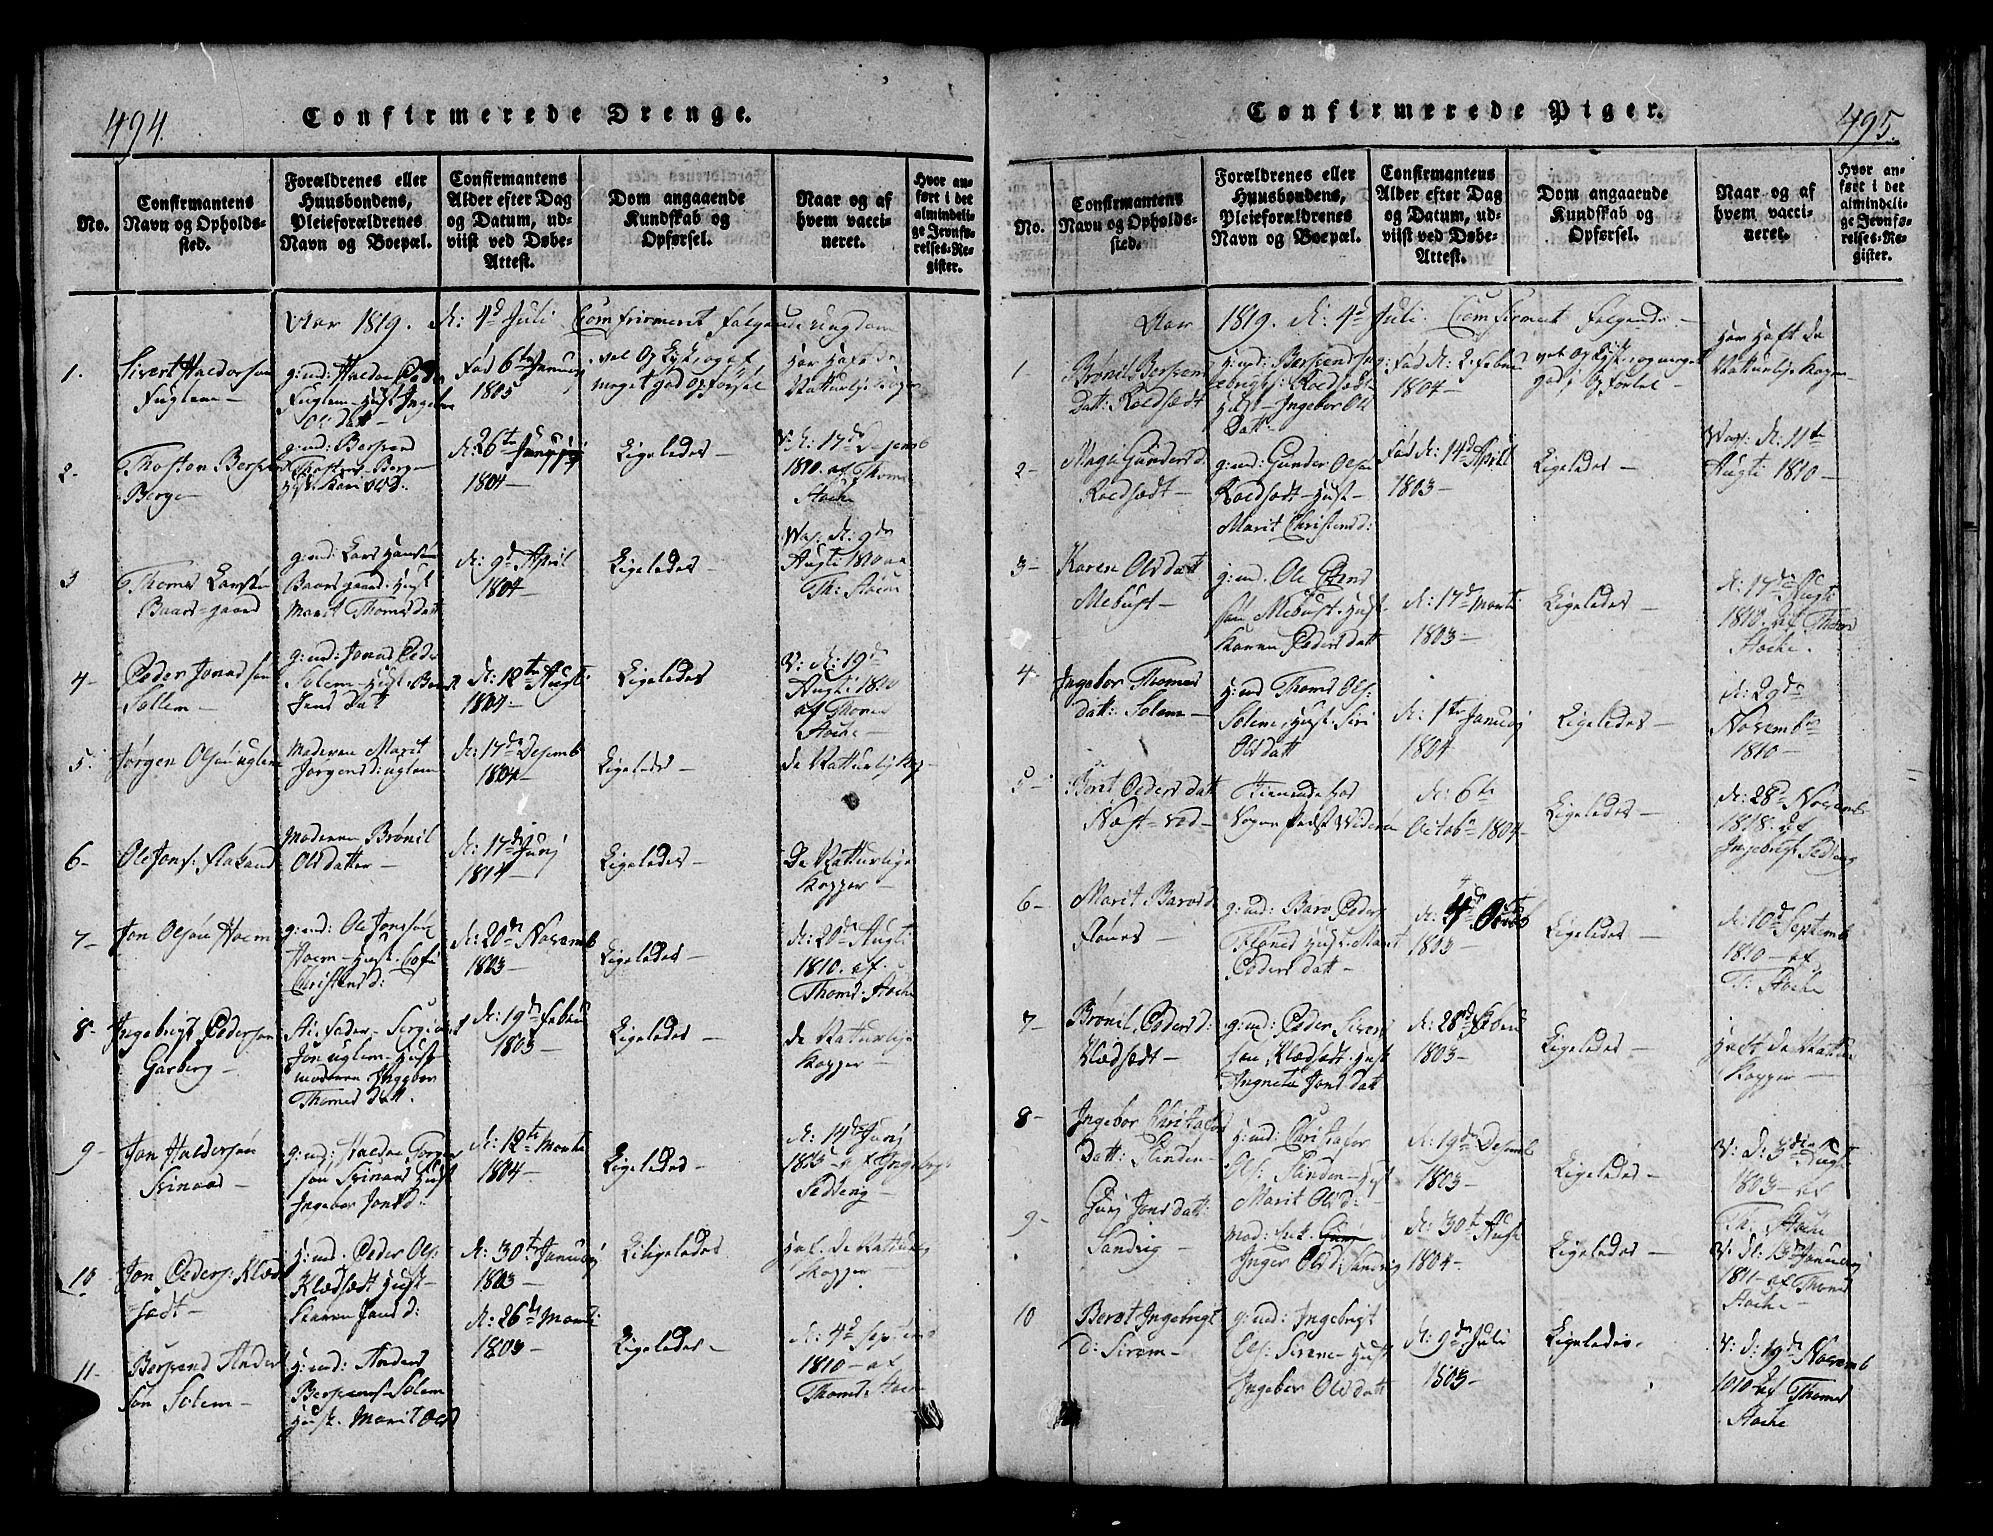 SAT, Ministerialprotokoller, klokkerbøker og fødselsregistre - Sør-Trøndelag, 695/L1152: Klokkerbok nr. 695C03, 1816-1831, s. 494-495